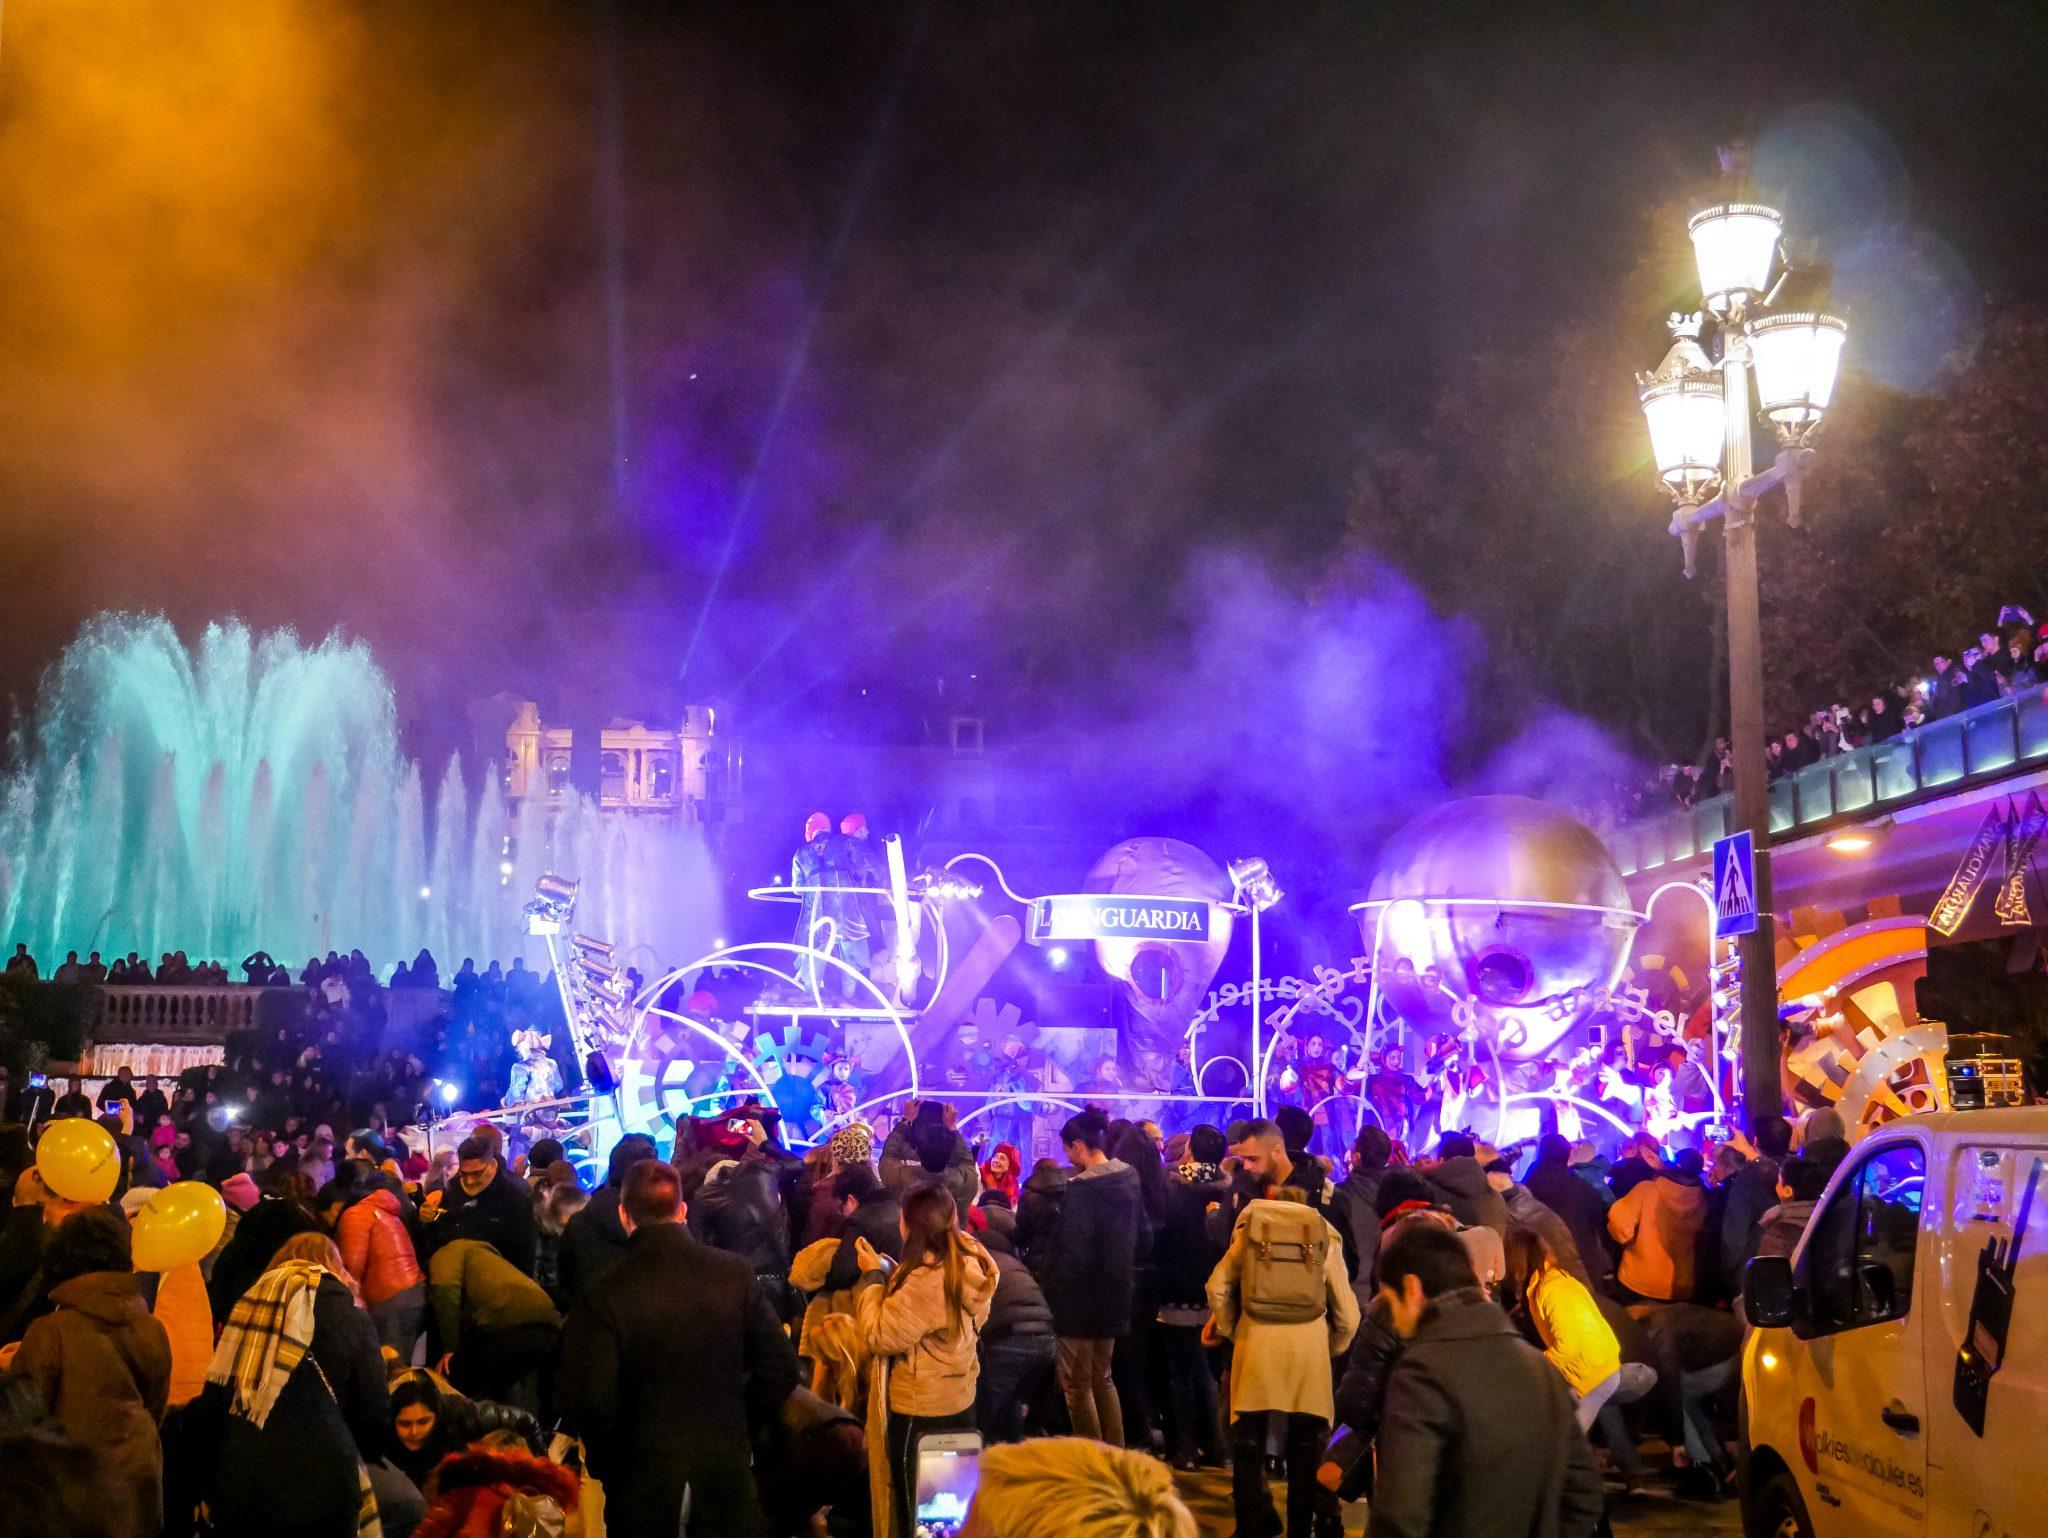 Am Abend des 5. Januar ziehen die Heiligen Drei Könige (Melchor, Gaspar und Baltazar) durch die Städte und werden von riesigen Menschenmengen bestaunt und gefeiert.